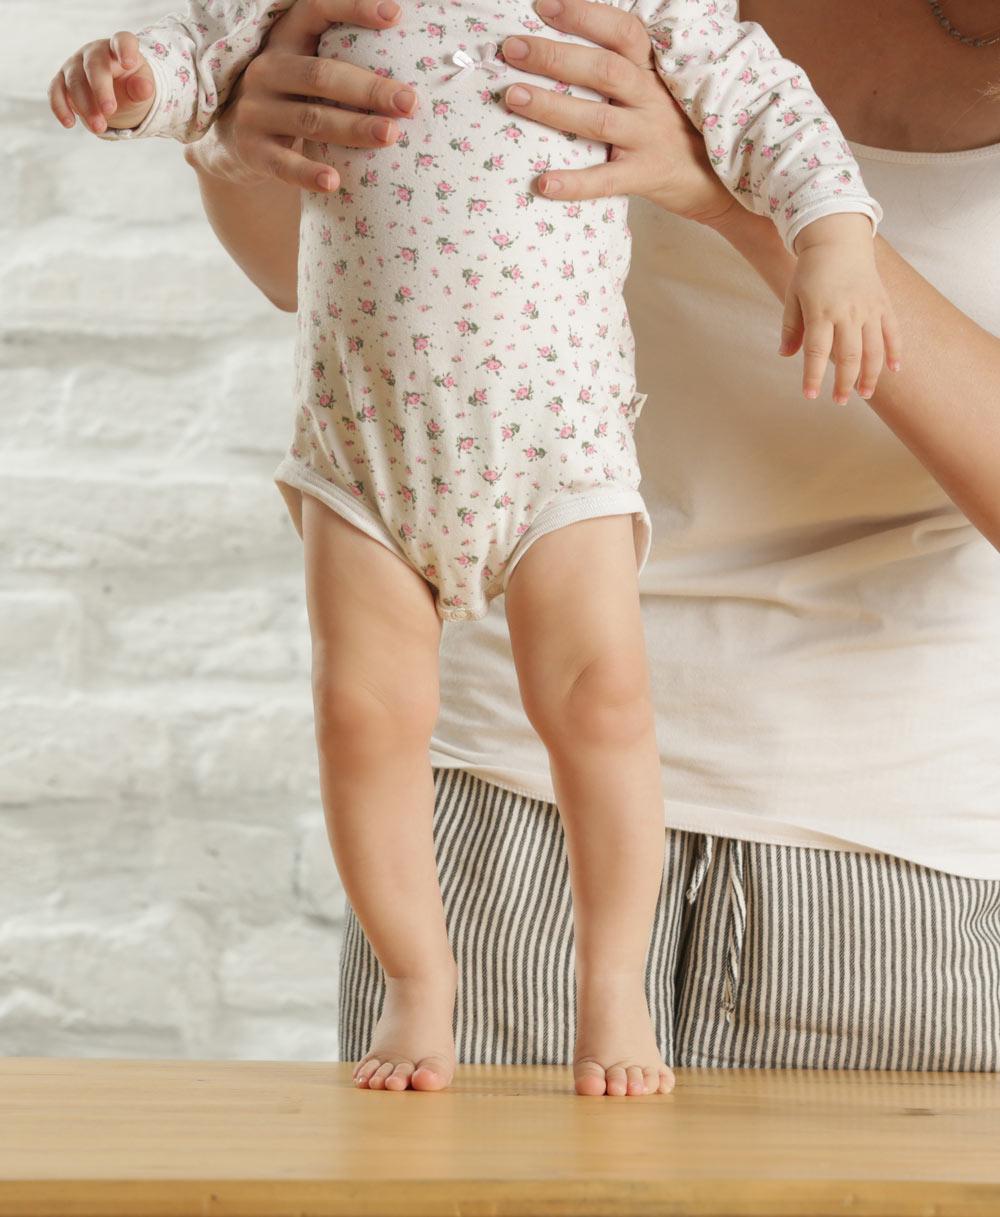 cuidadora de niños externas agencia de servicio domestico